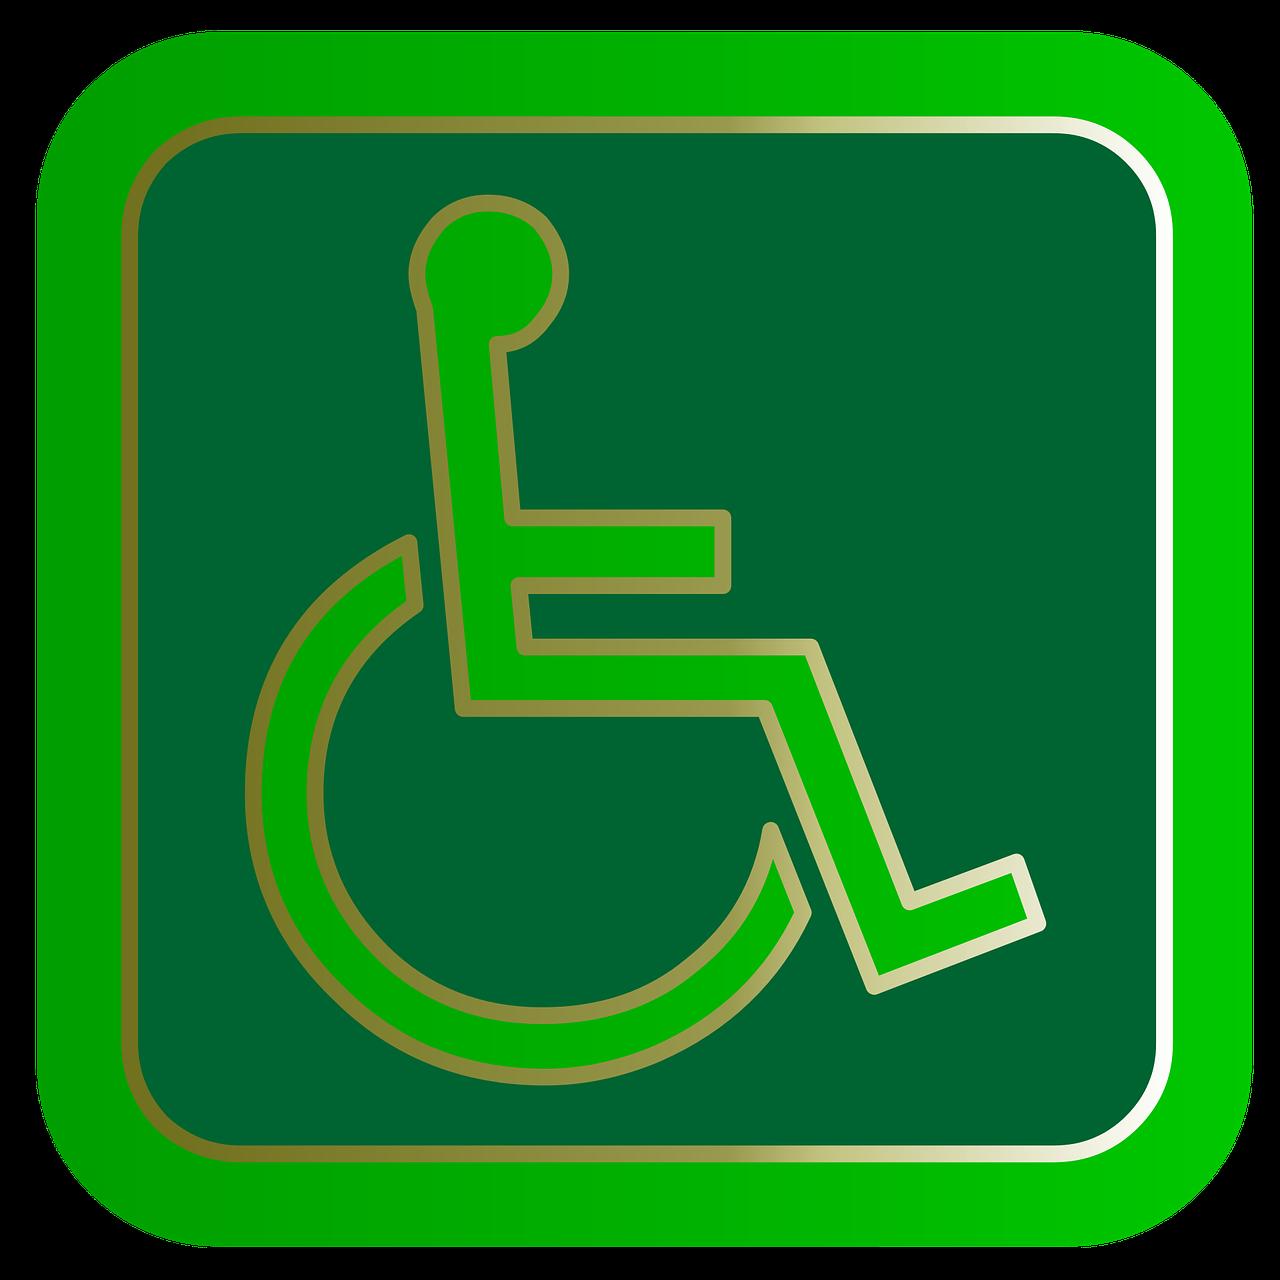 Mooy Een Zorg Minder beoordelingen instelling gehandicaptenzorg verstandelijk gehandicapten